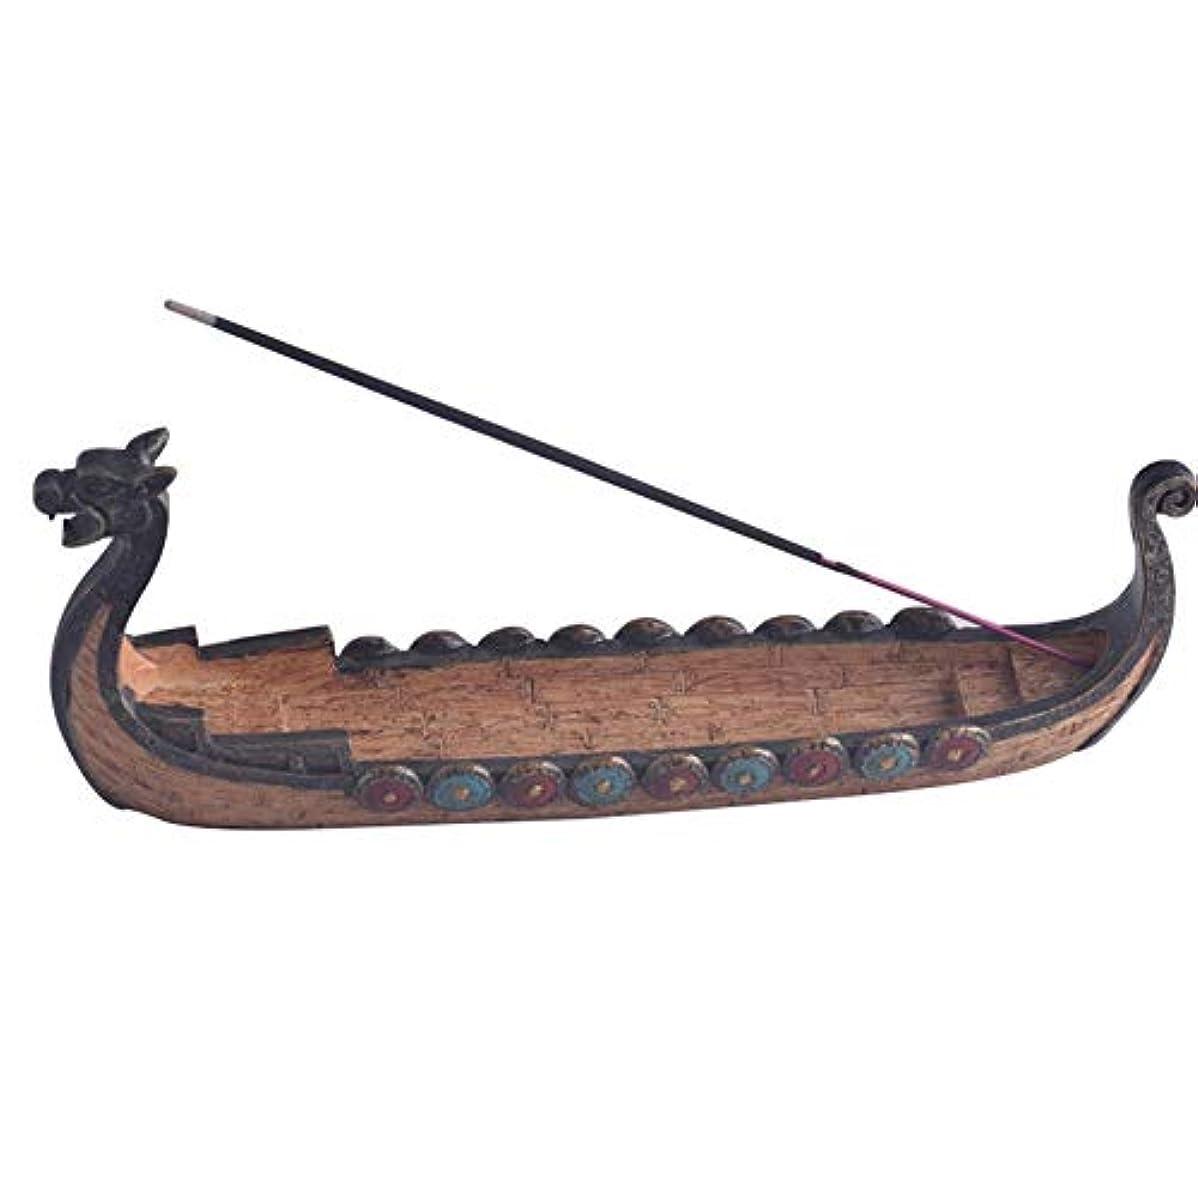 近々ネブ拍手するCoolTack スティック香中国の伝統的な家の装飾のためのドラゴンボート型香炉